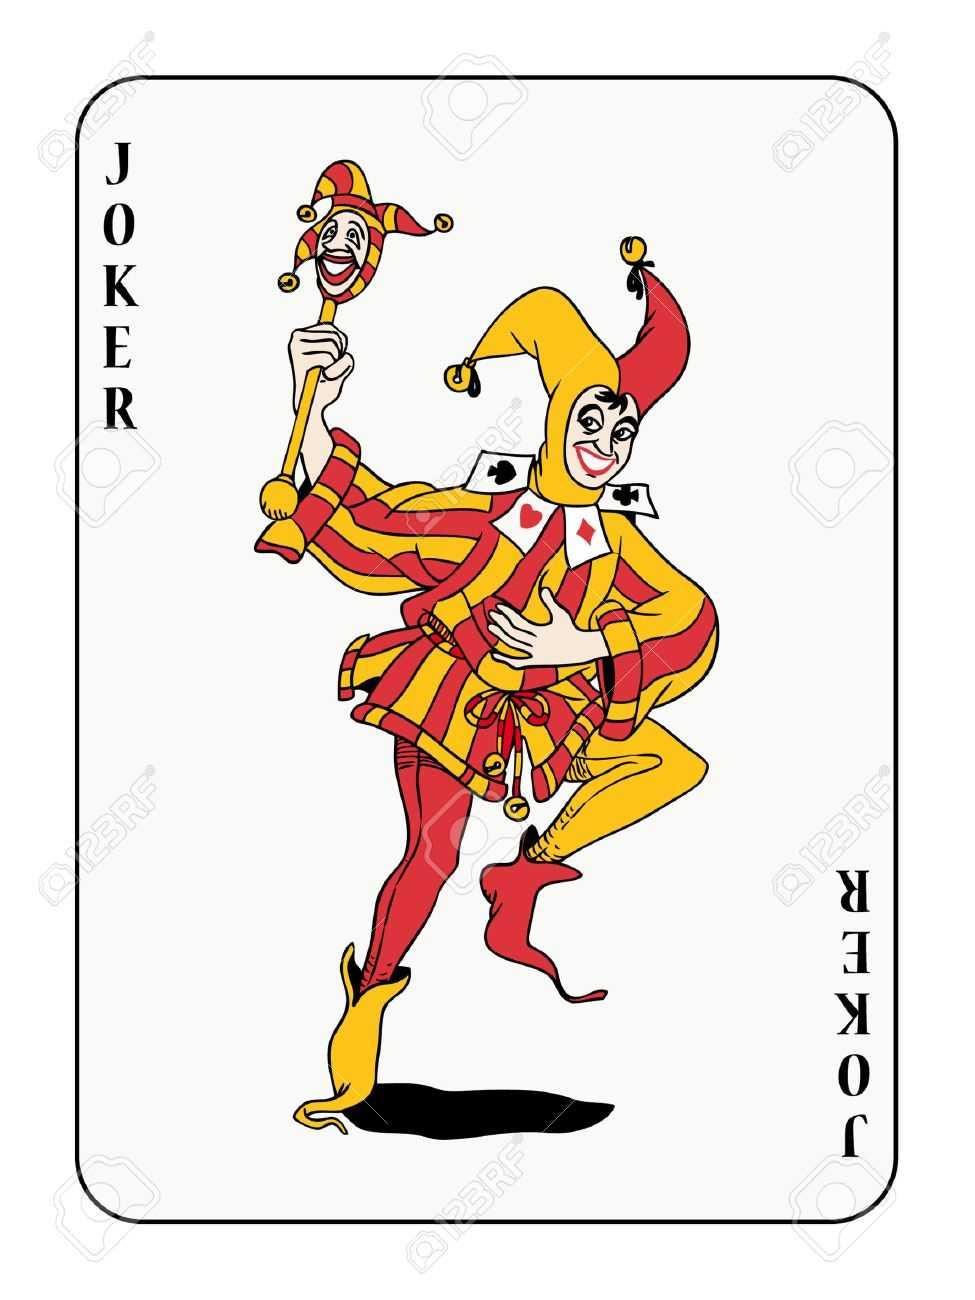 Joker Playing Card Regarding Joker Card Template